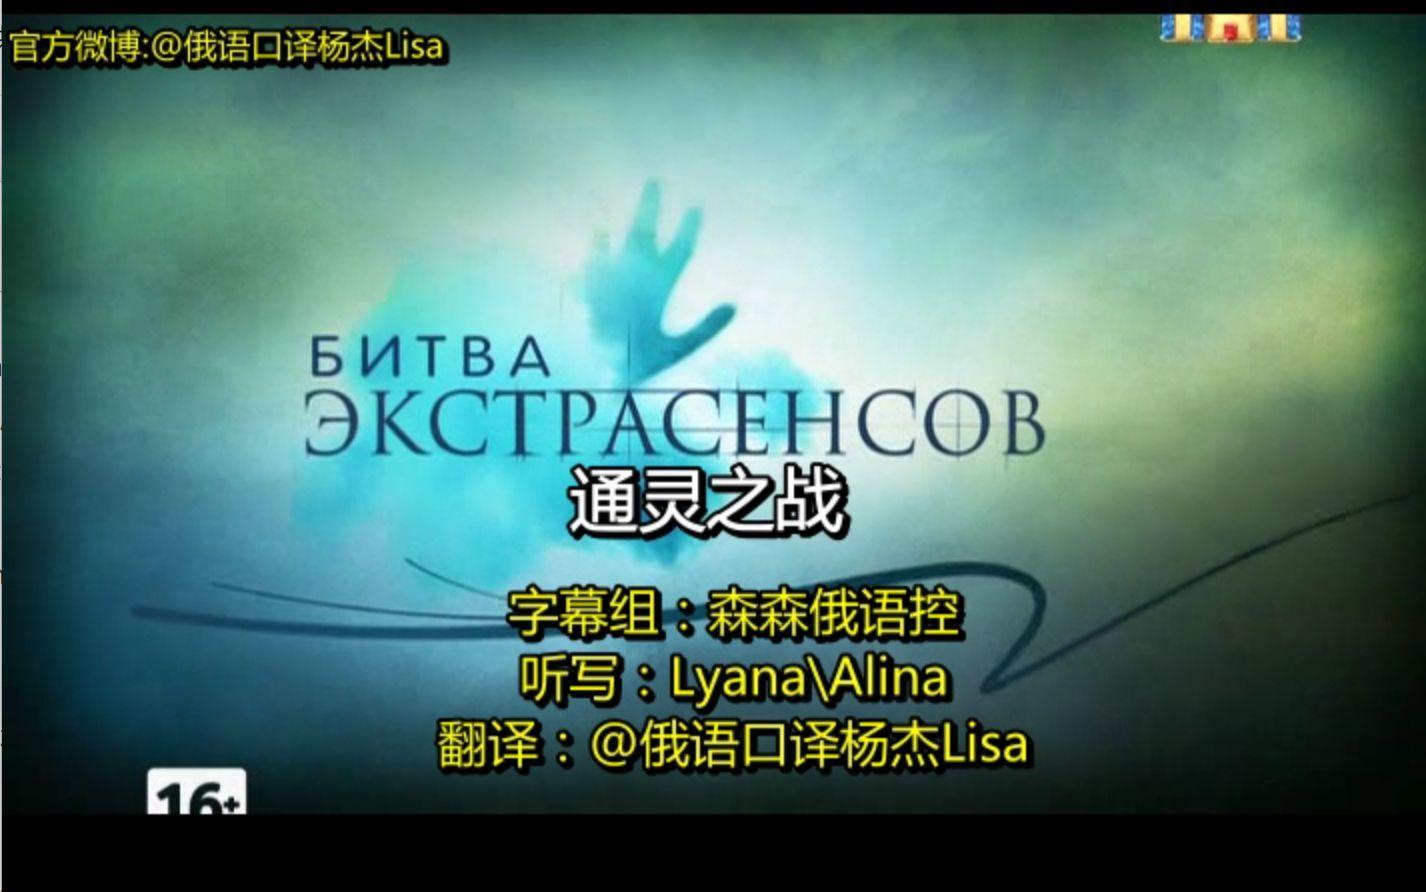 【通靈之戰】第17季第3集 中俄字幕_嗶哩嗶哩 (゜-゜)つロ 干杯~-bilibili